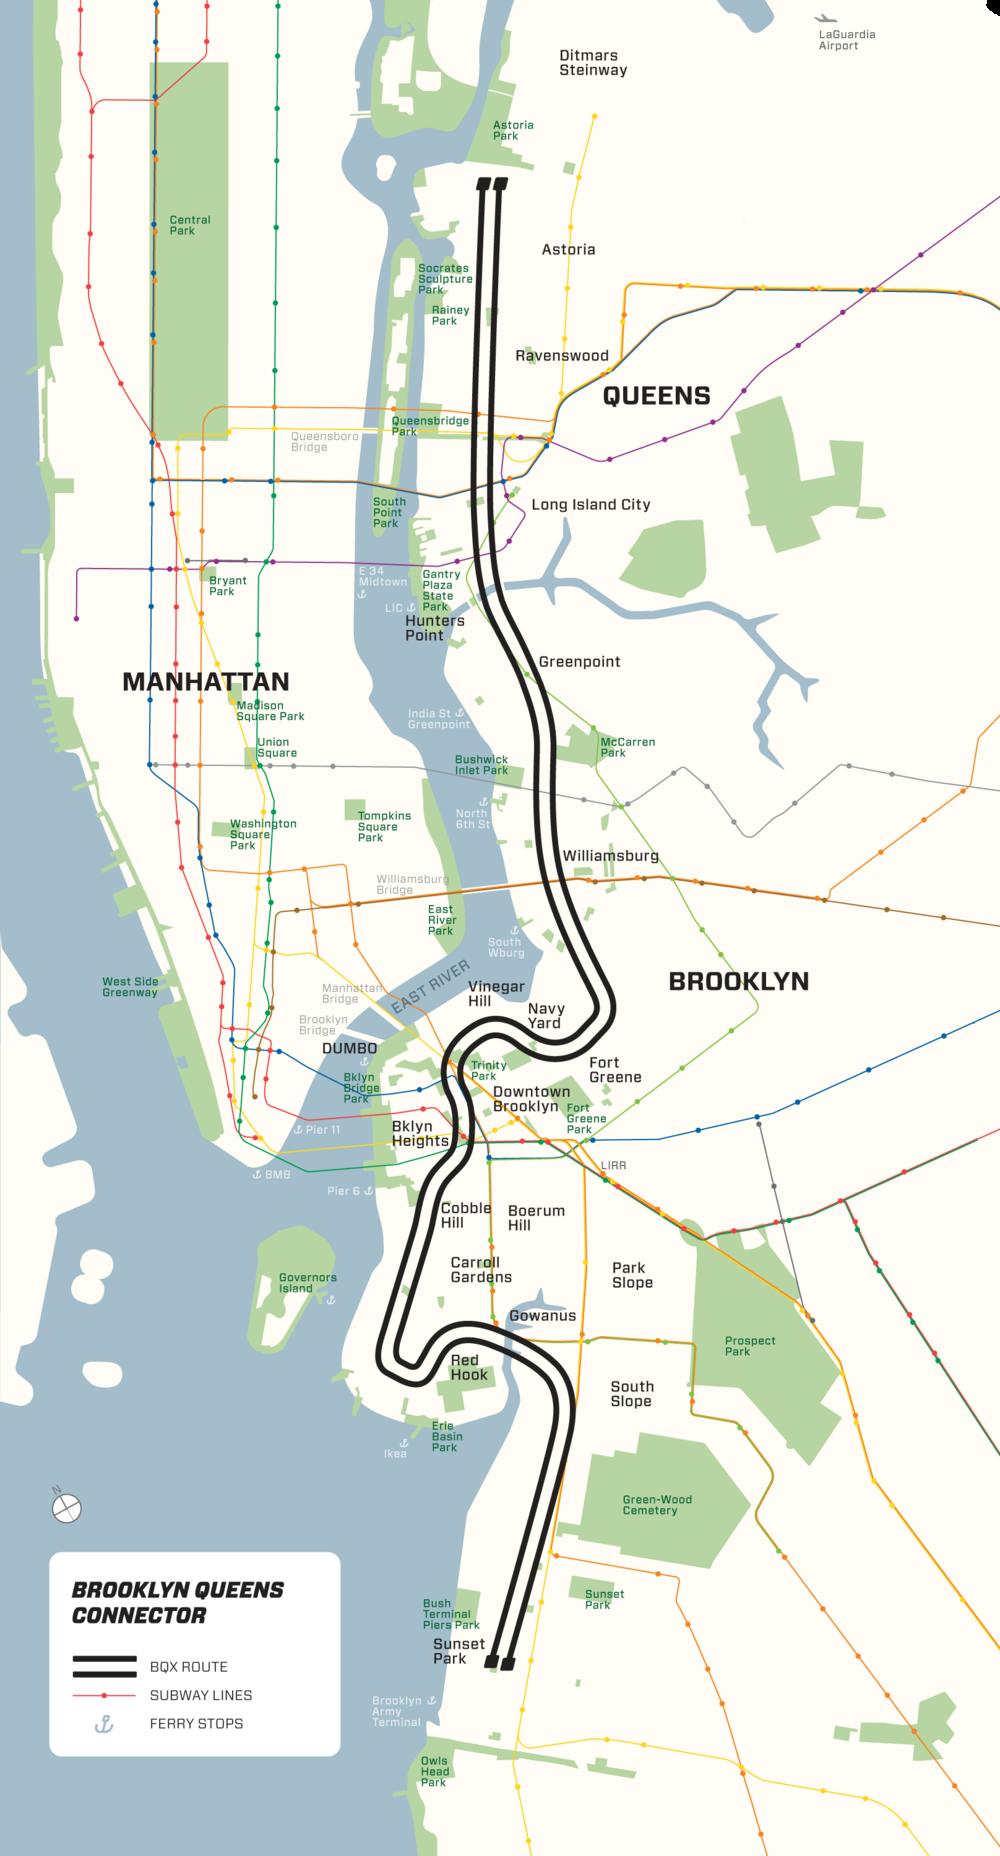 Ambiciózní plán nové tramvajové trati rovněž počítá s napojením části Red Hook. Značně tak kopíruje původní plán spolku BHRA. (zdroj: BQX)